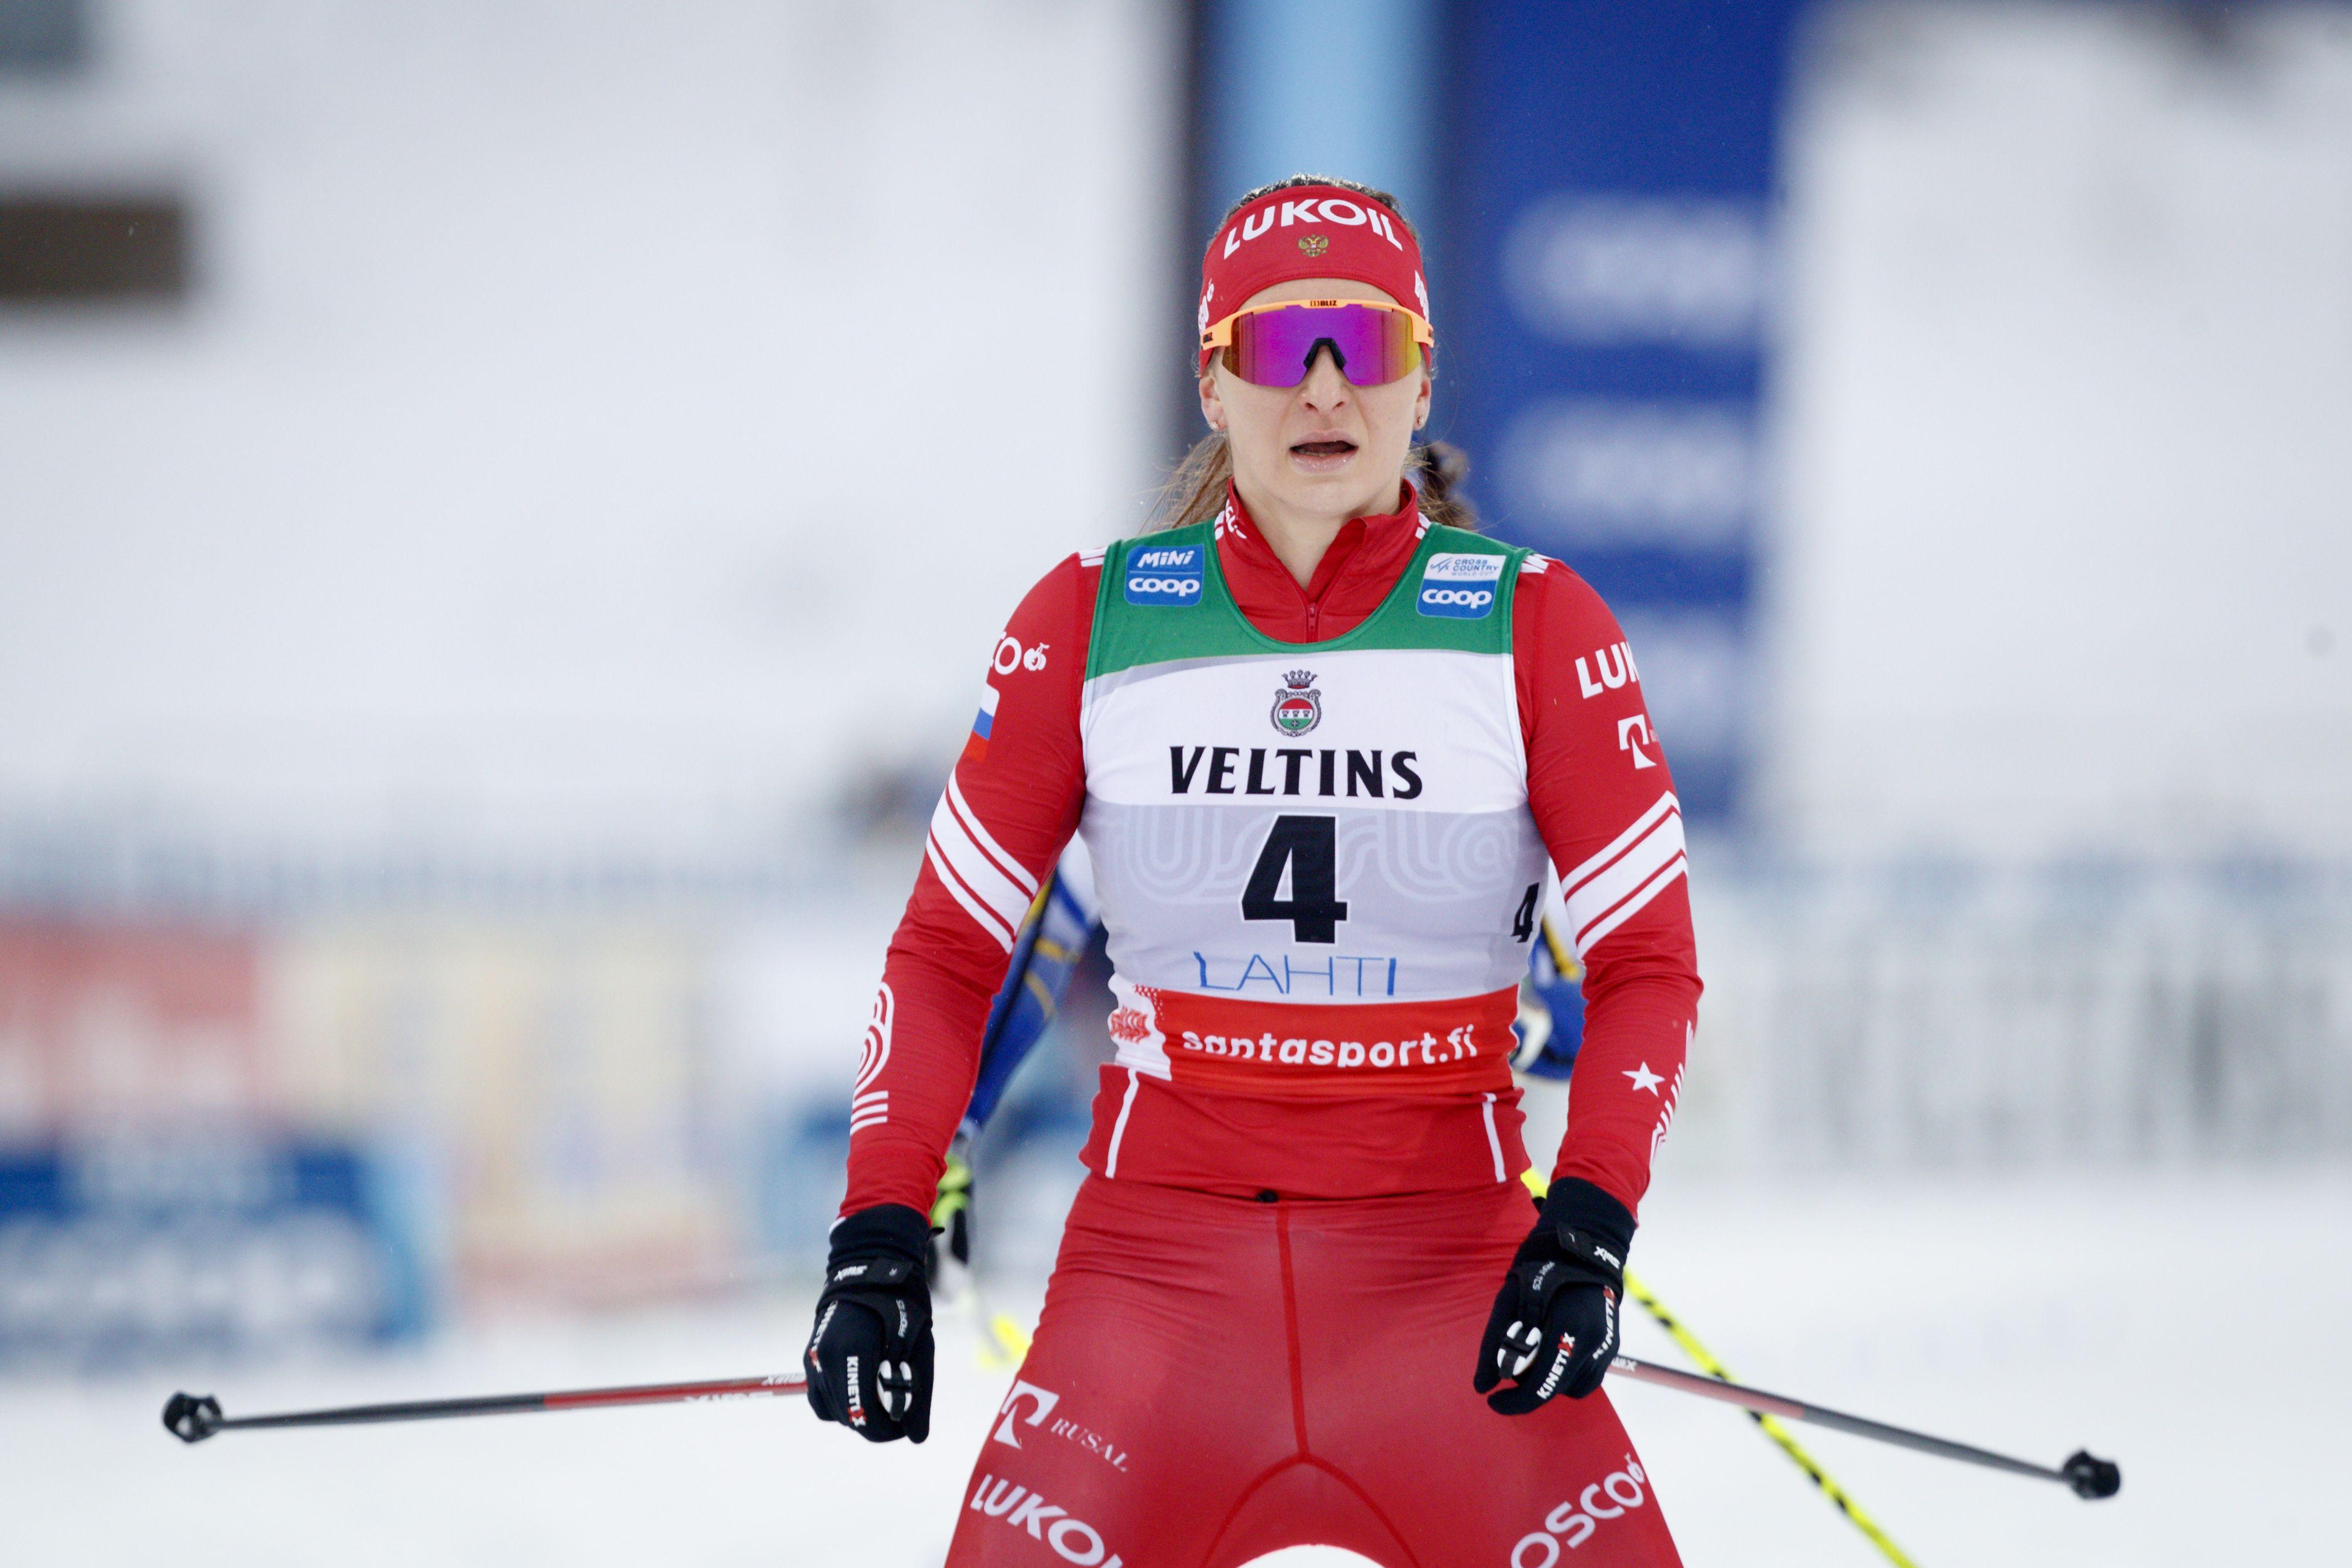 Четыре россиянки пробились в четвертьфинал спринта на ЧМ по лыжным видам спорта